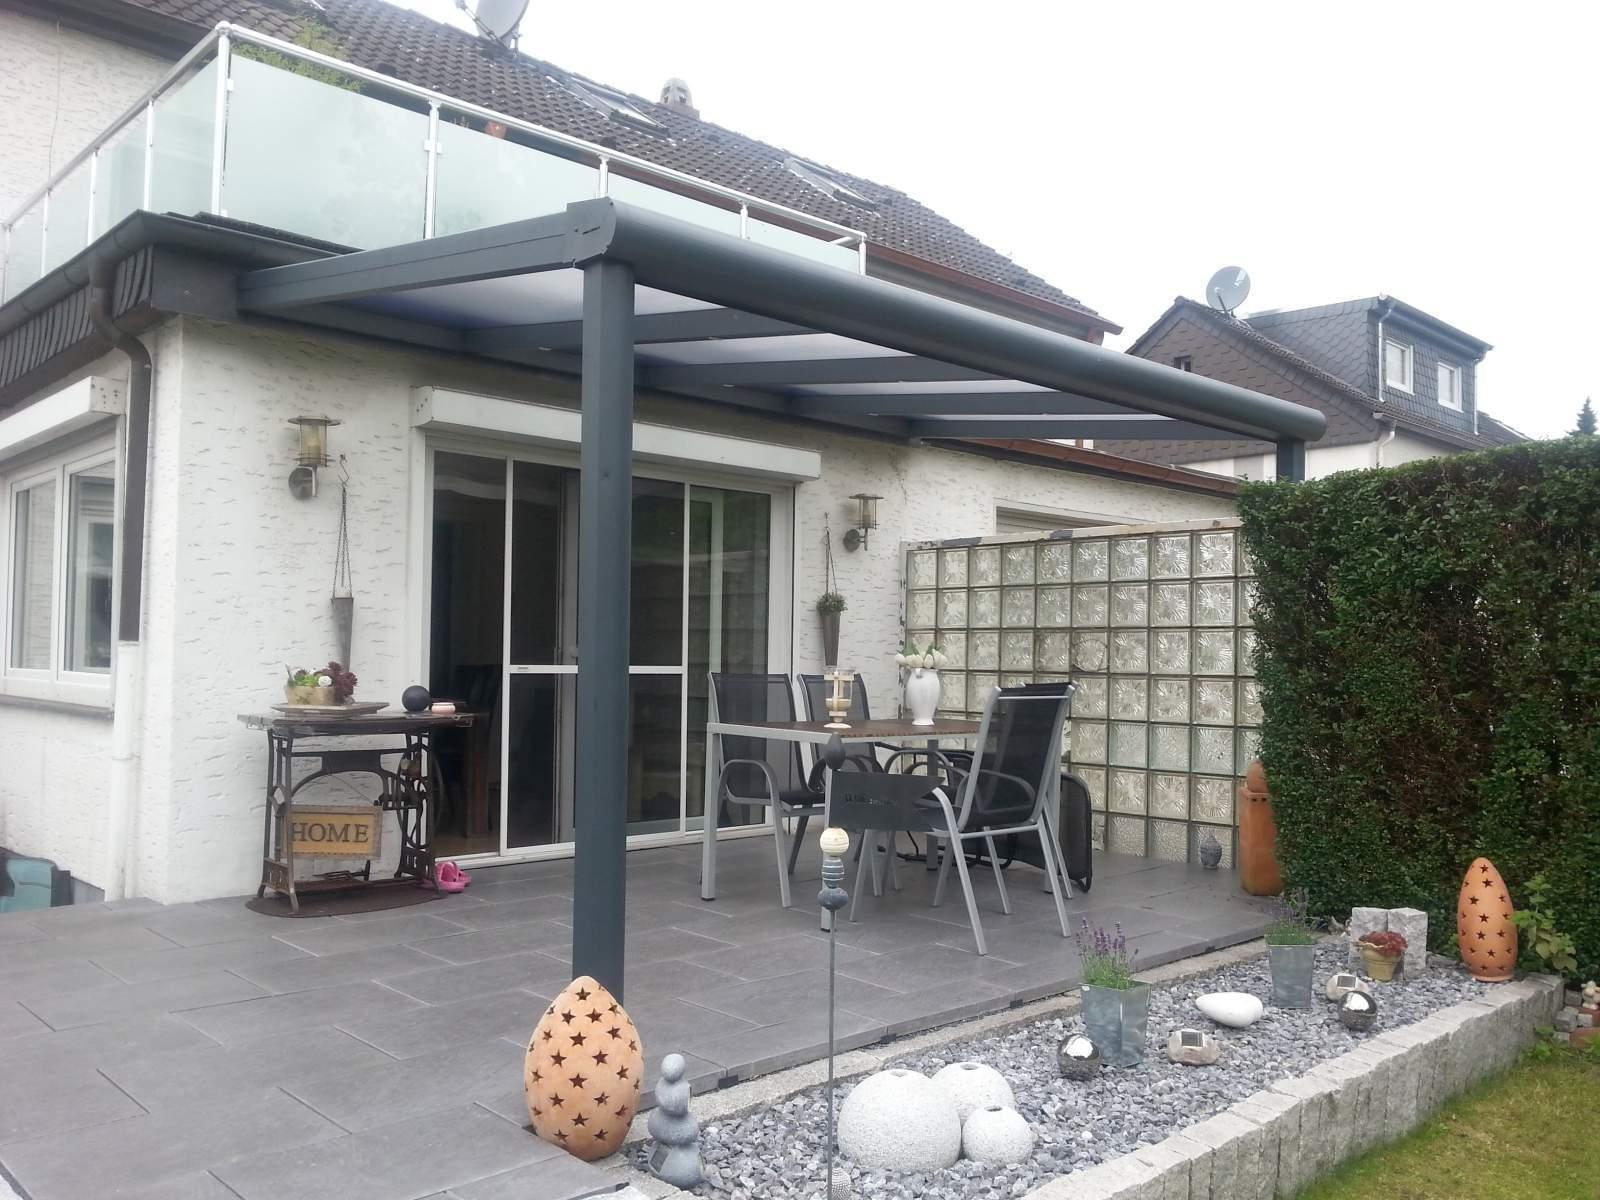 Terrassendach Alu Stegplatten 300kg Tragkraft klar Terrassenüberdachung 4m breit